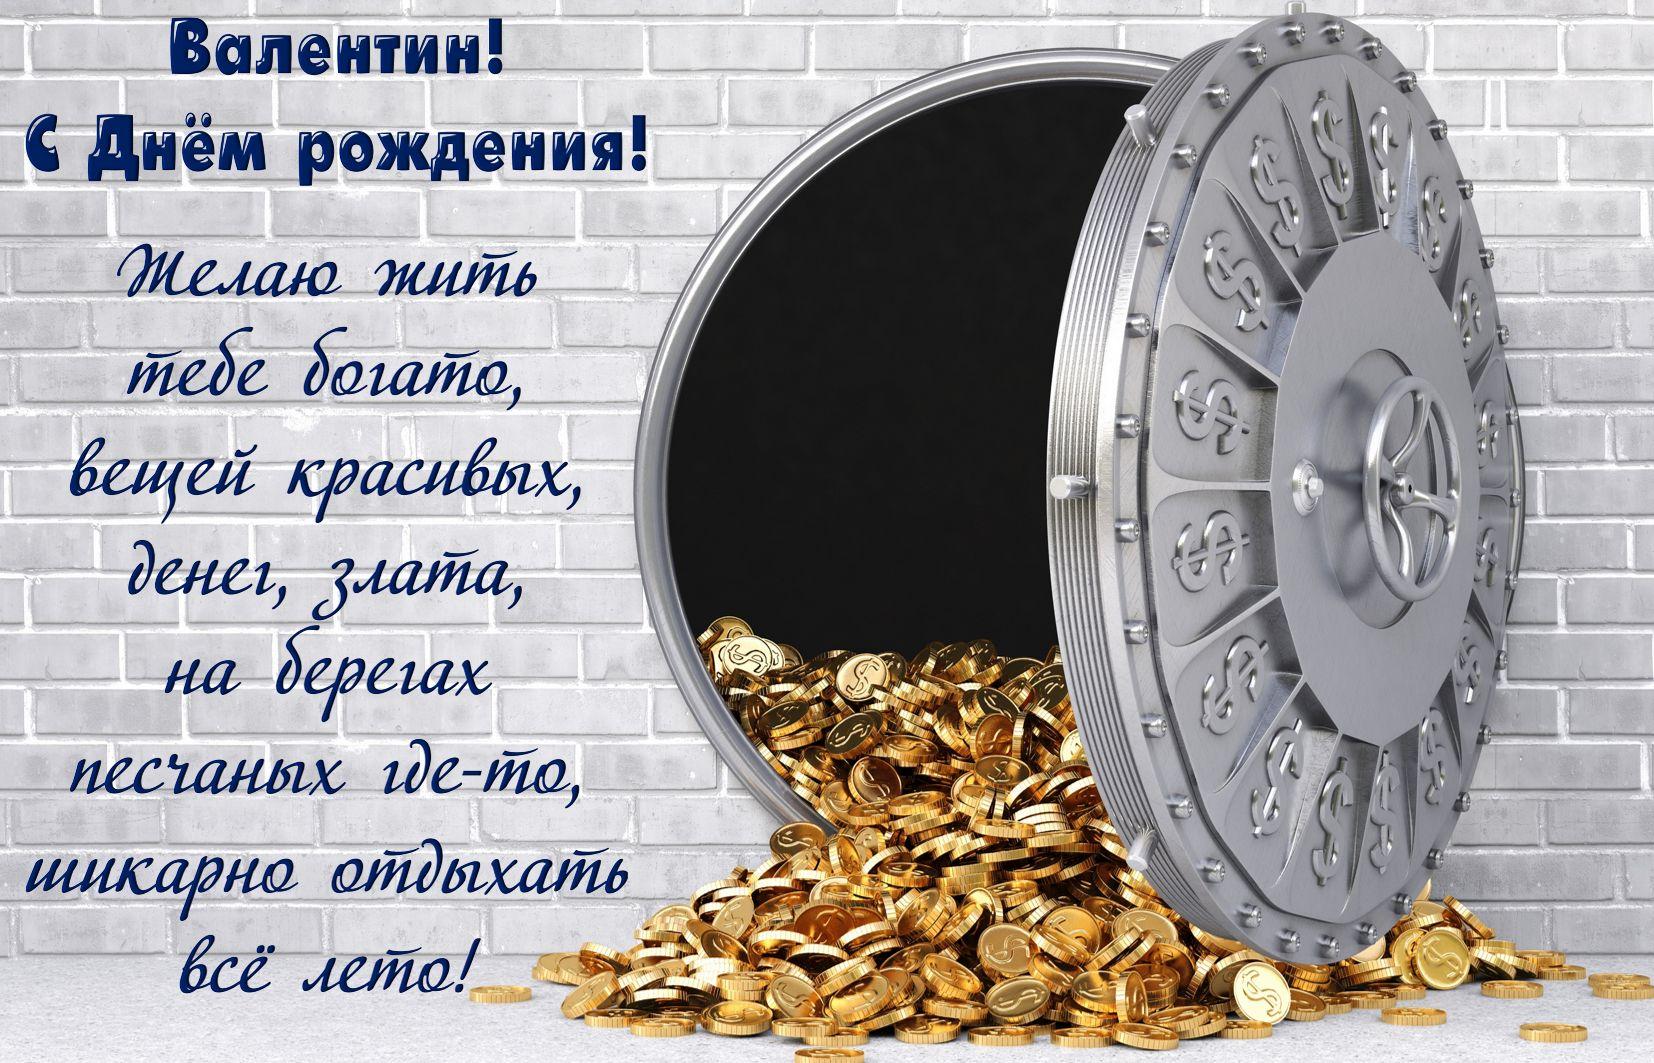 Открытка на День рождения - пожелание для Валентина на фоне денег